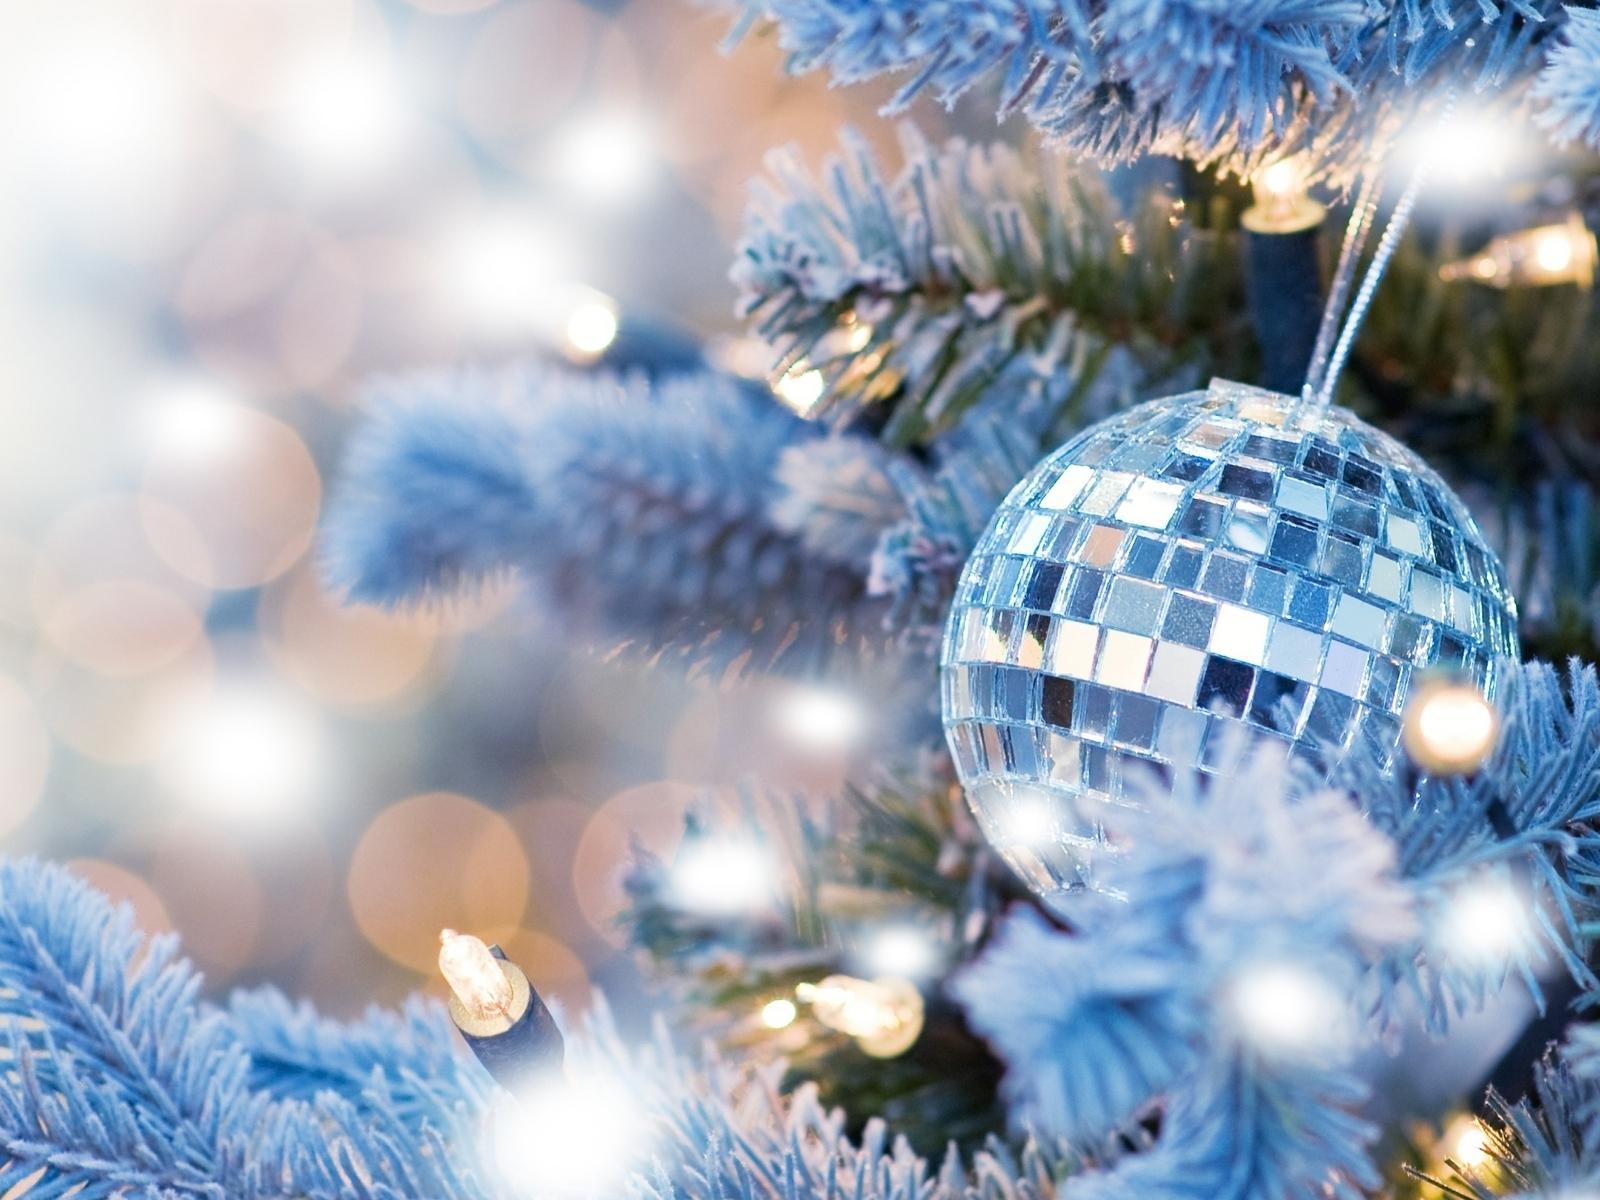 Картинка новогодней елки своими руками